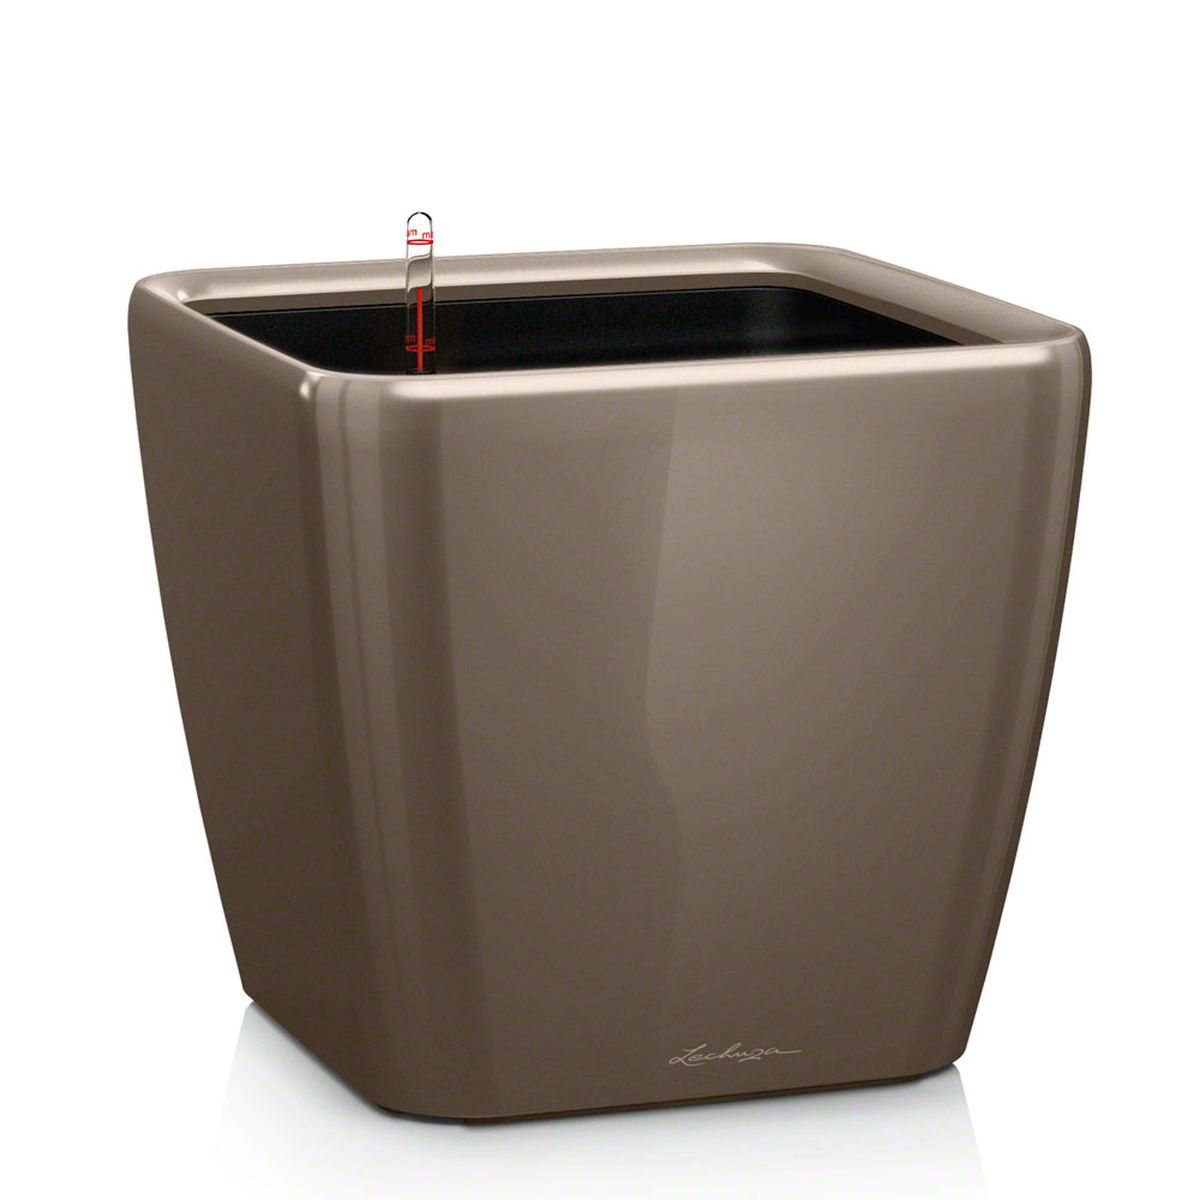 Кашпо с автополивом Lechuza Quadro 50х47 см, серо-коричневое LS787502Элегантная ручка цвета самого кашпо украшает все наборы Все-в-одном кашпо серии QUADRO. Она не только красиво смотрится, но и обеспечивает возможность легкой замены растений.Особые преимущества:- Запатентованный внутренний горшок- Ручка цвета горшка не только практична, но еще и дополнительно подчеркивает изящный дизайн кашпо- В качестве опции: Подставка на роликах для QUADRO 43 и 50